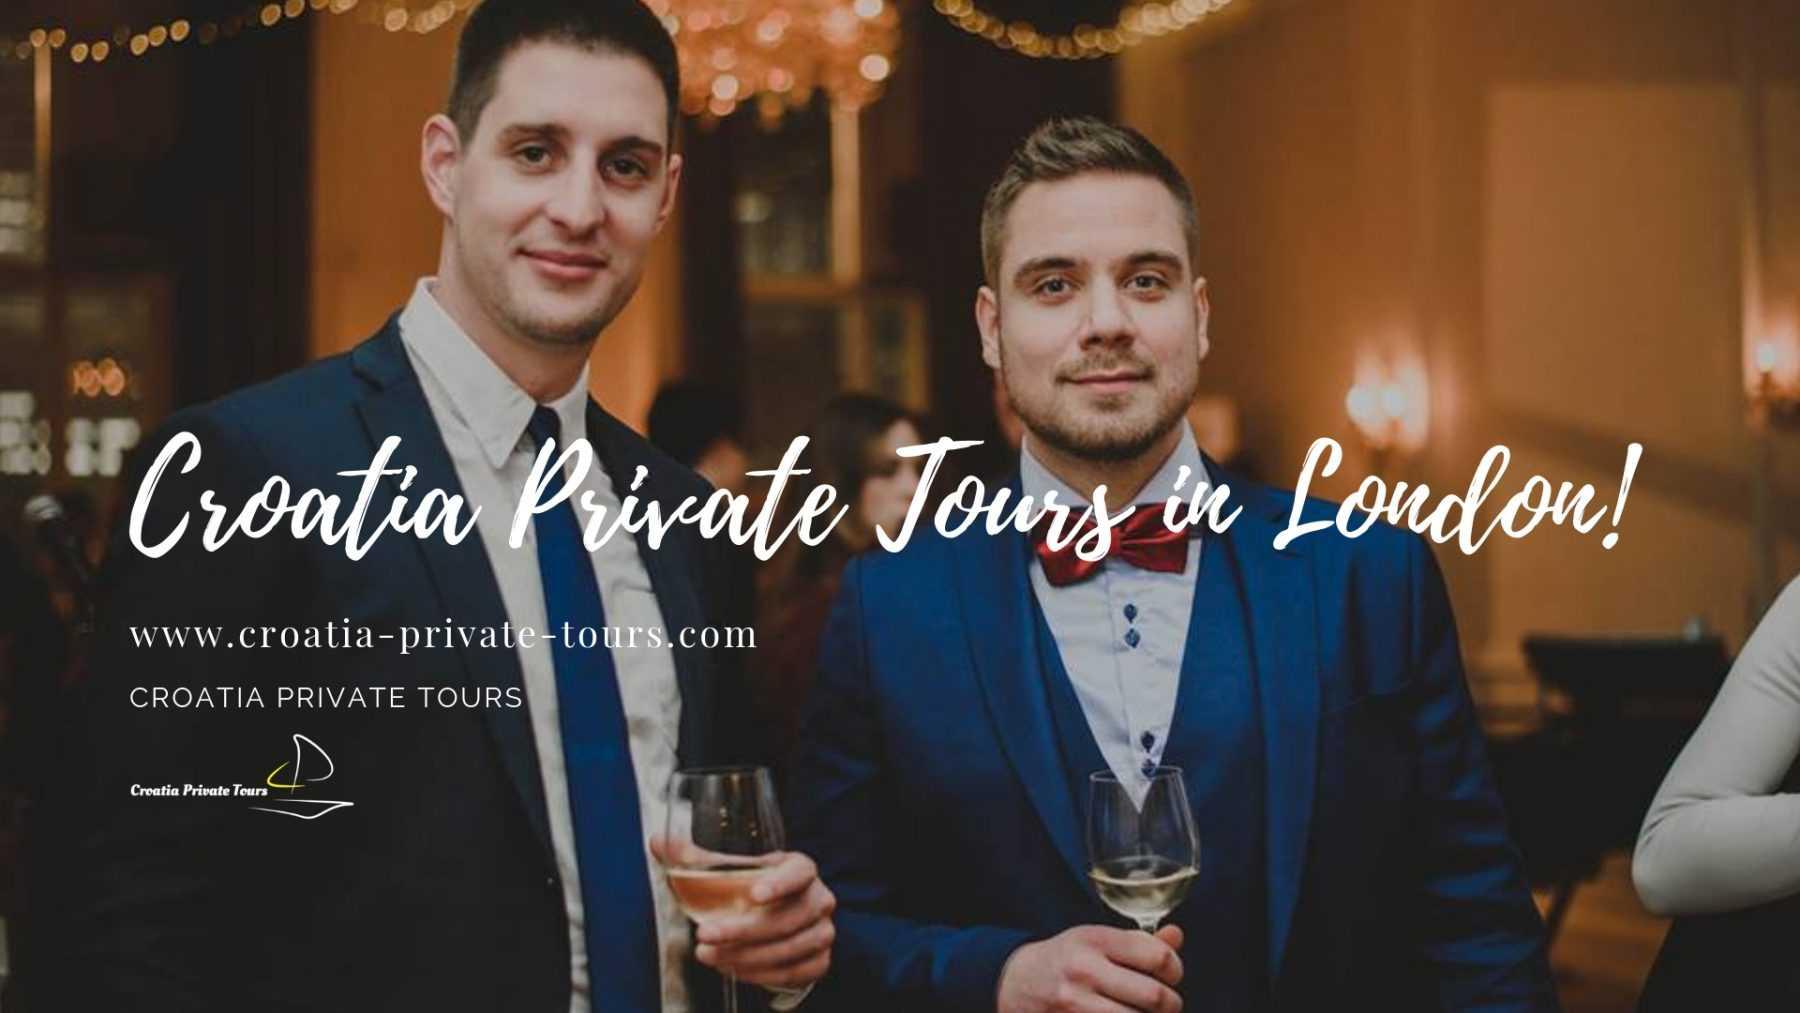 croatia private tours in london